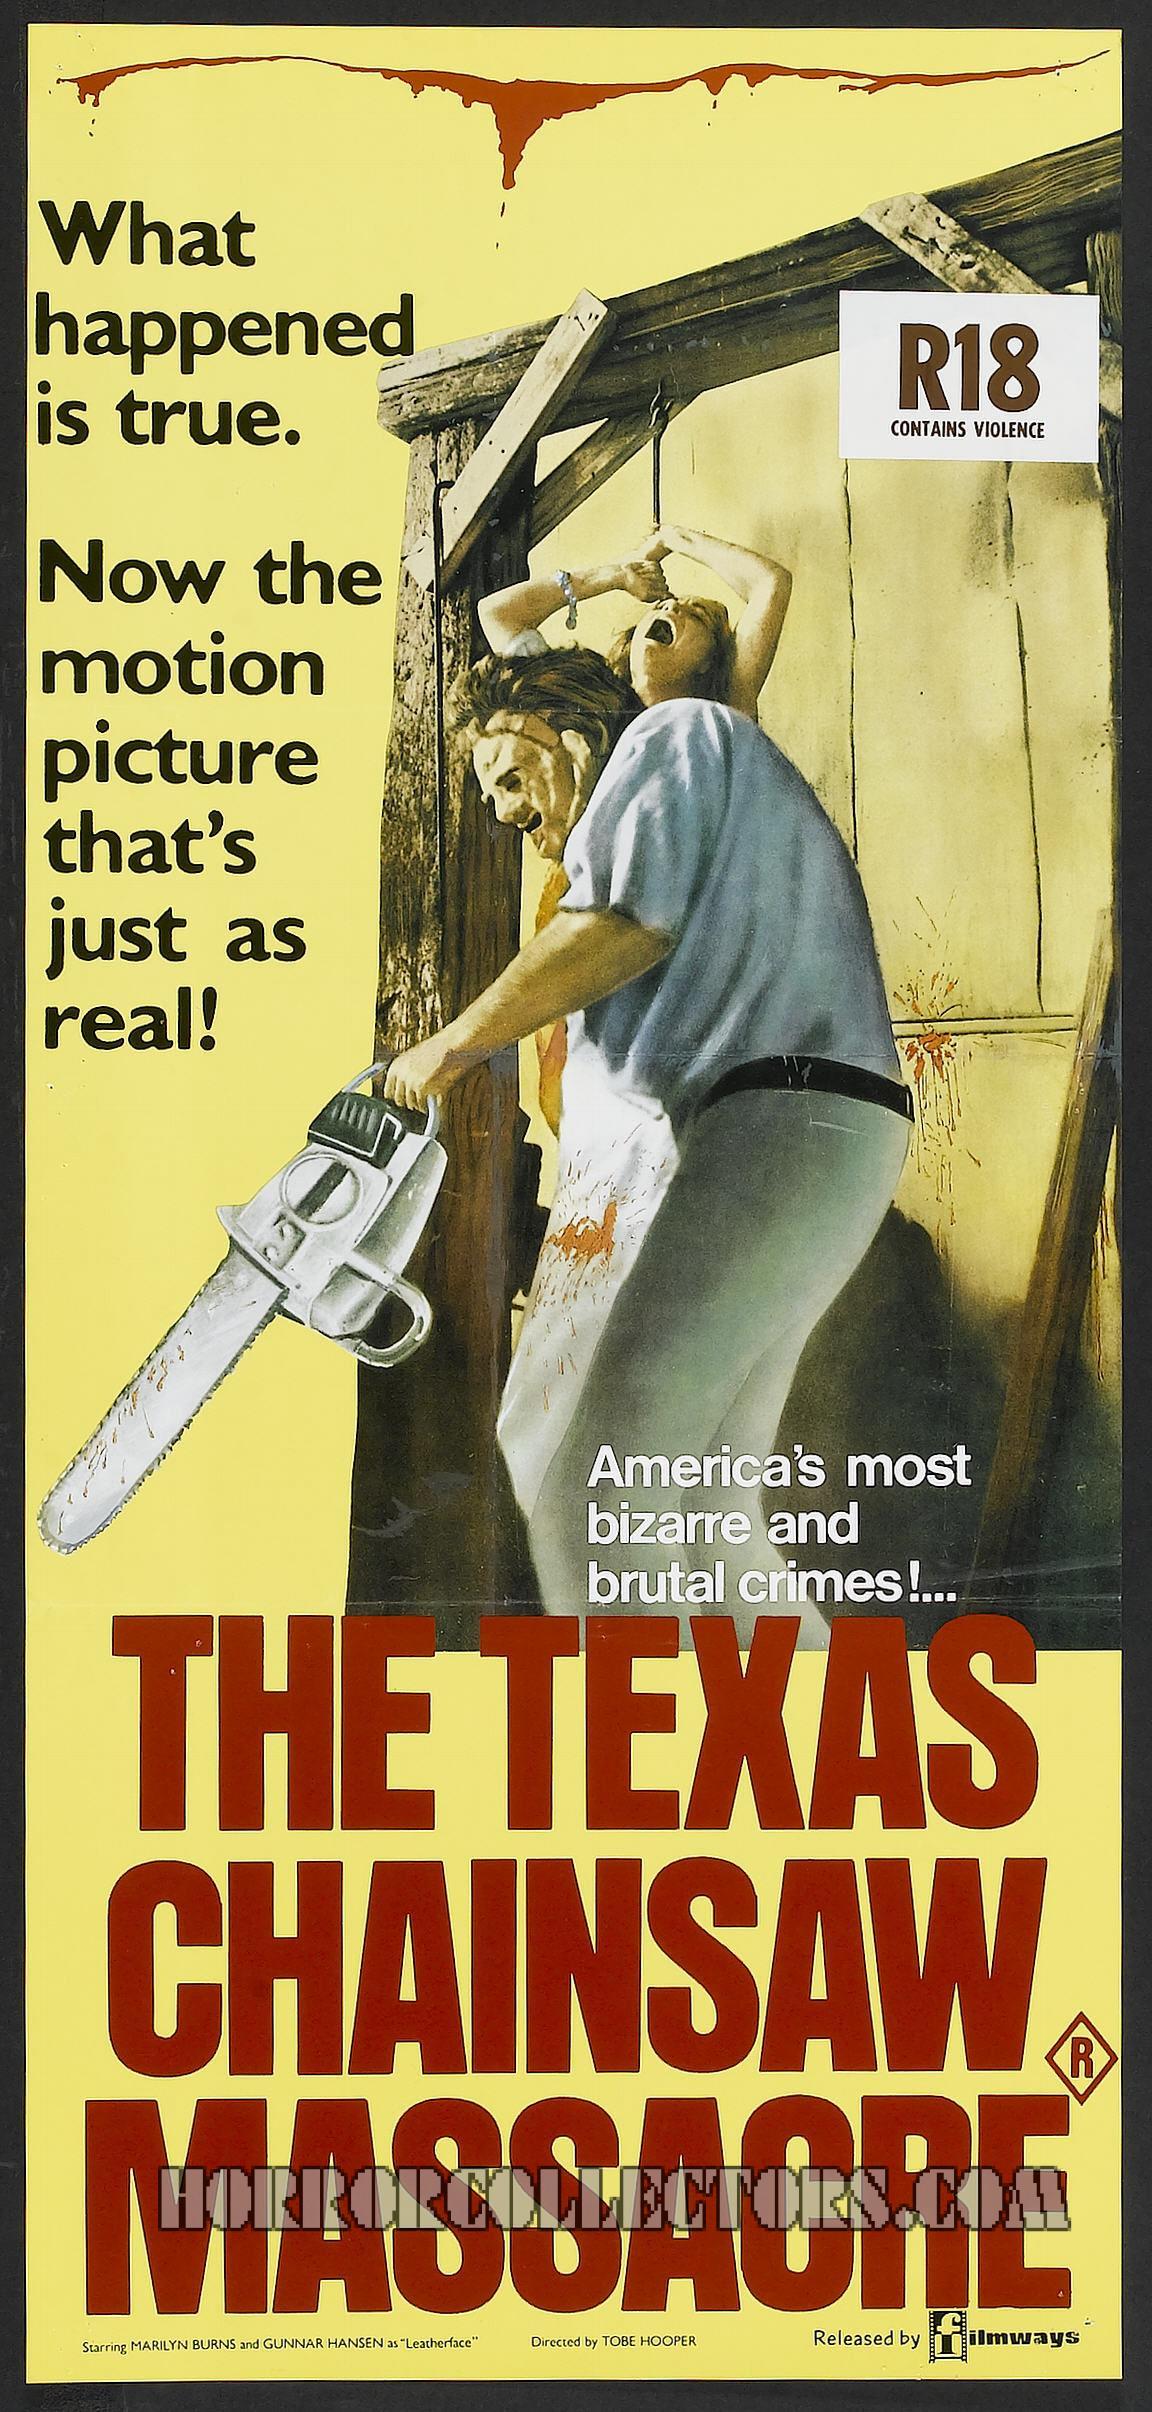 Texas Chainsaw massacre Australian Daybill Poster